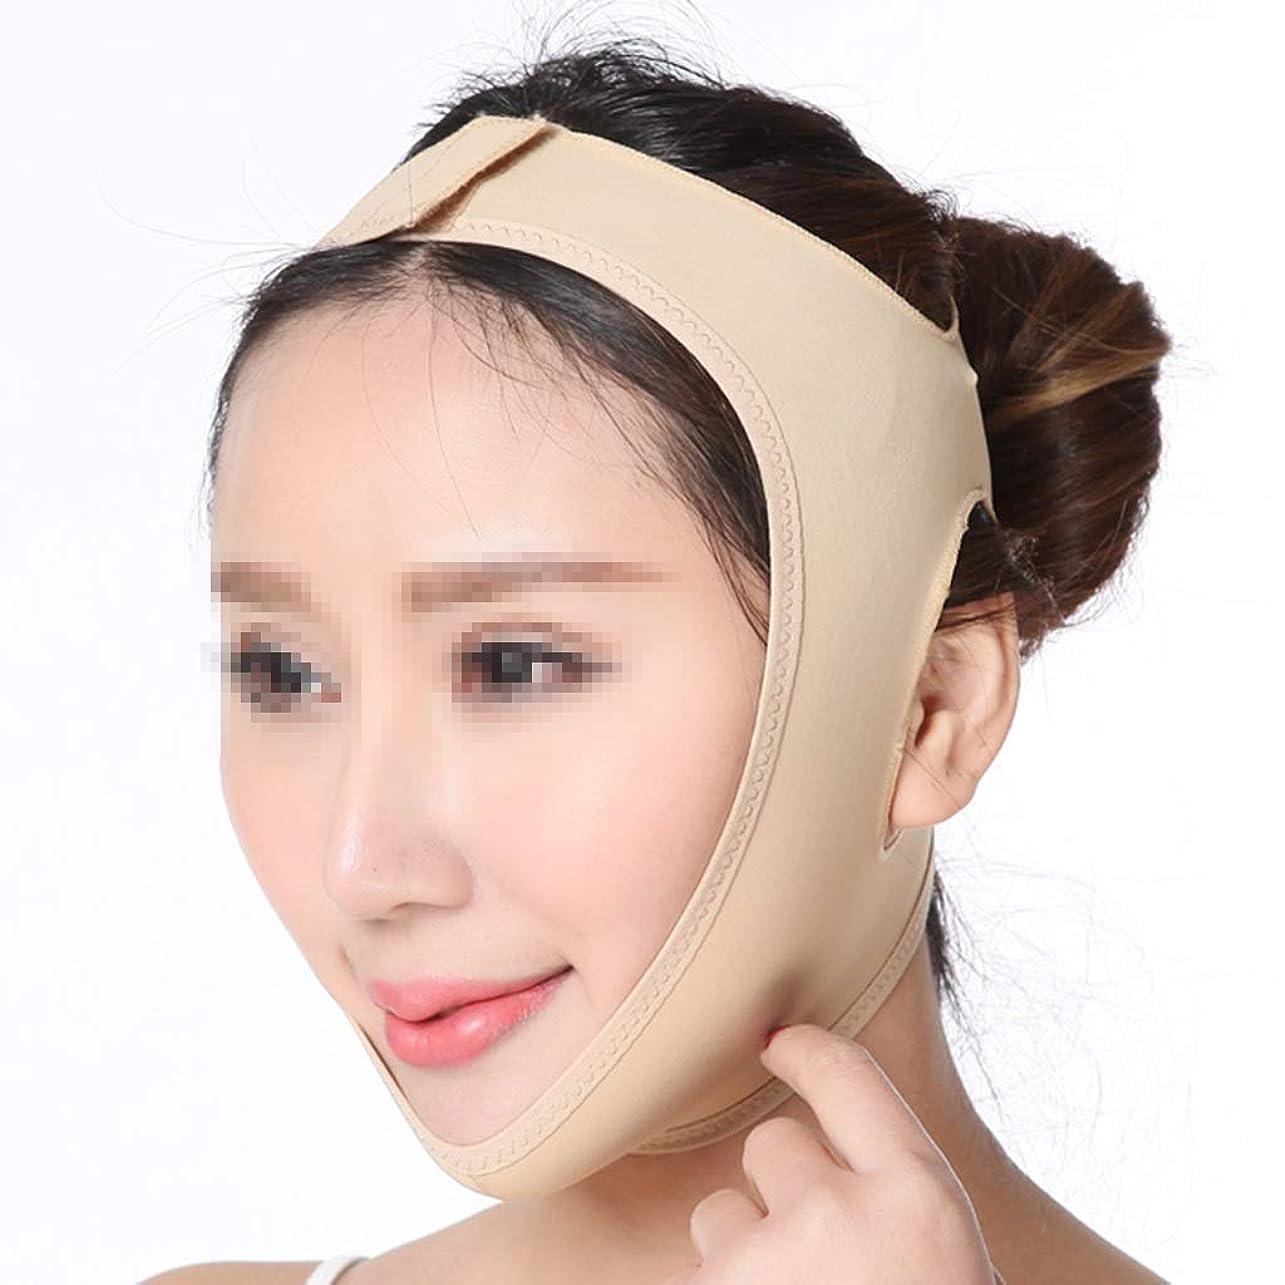 相談現実メカニックXHLMRMJ 美容マスク、回復後のライン彫刻二重あごフェイスリフトアーティファクトフェイス小型Vフェイス楽器包帯リフティングケアヘッドギア (Size : S)